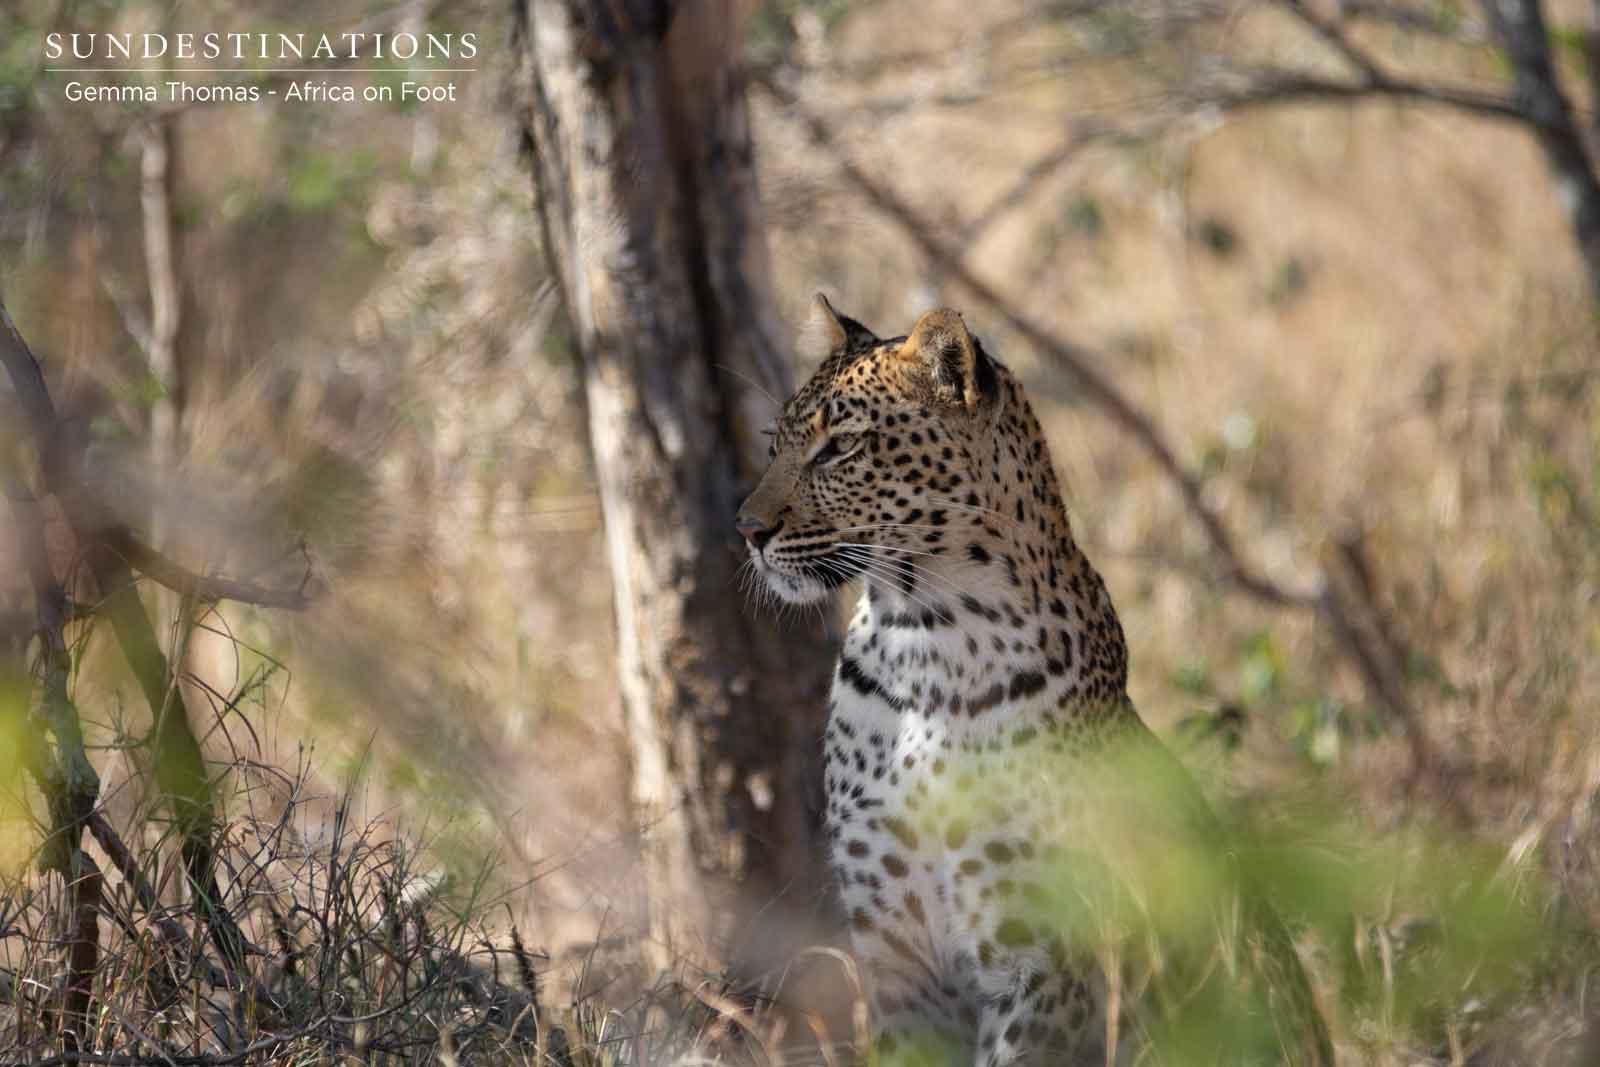 Nyeleti the Leopardess